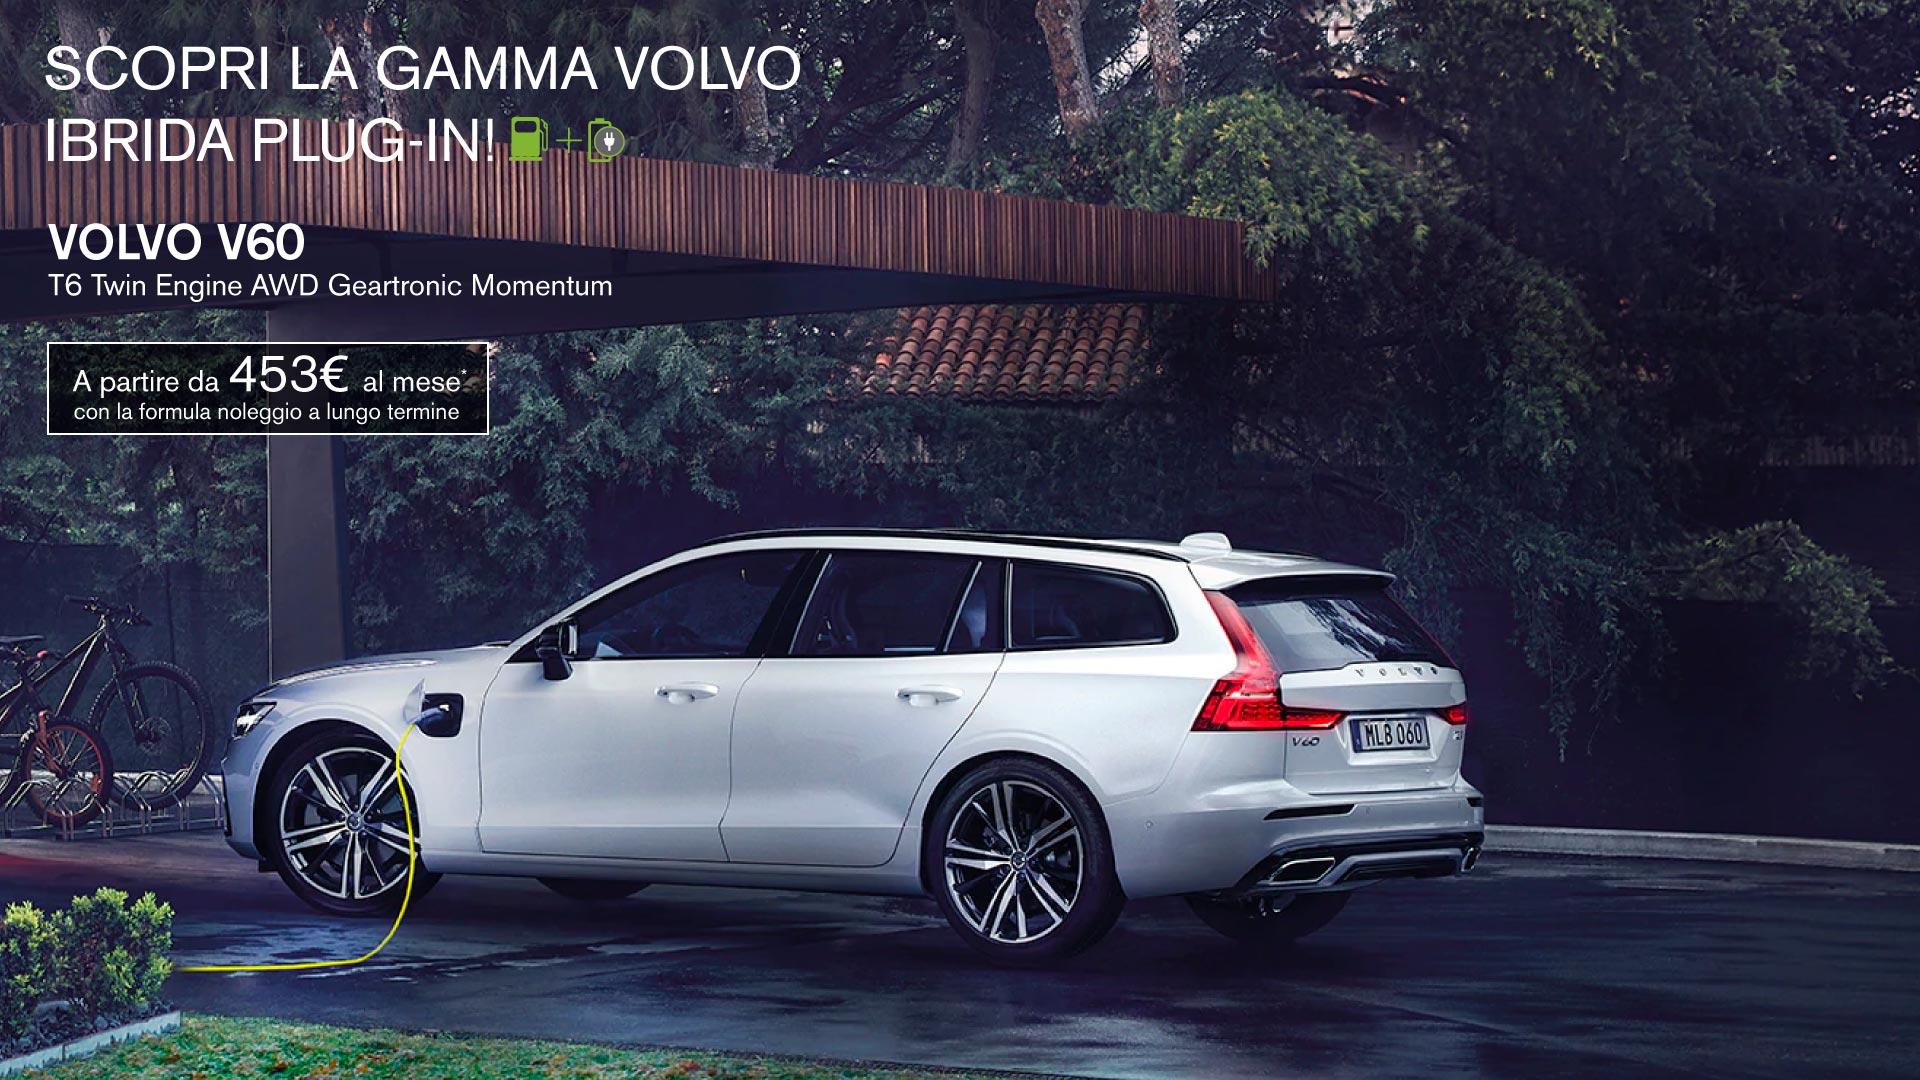 Volvo V60 plug in